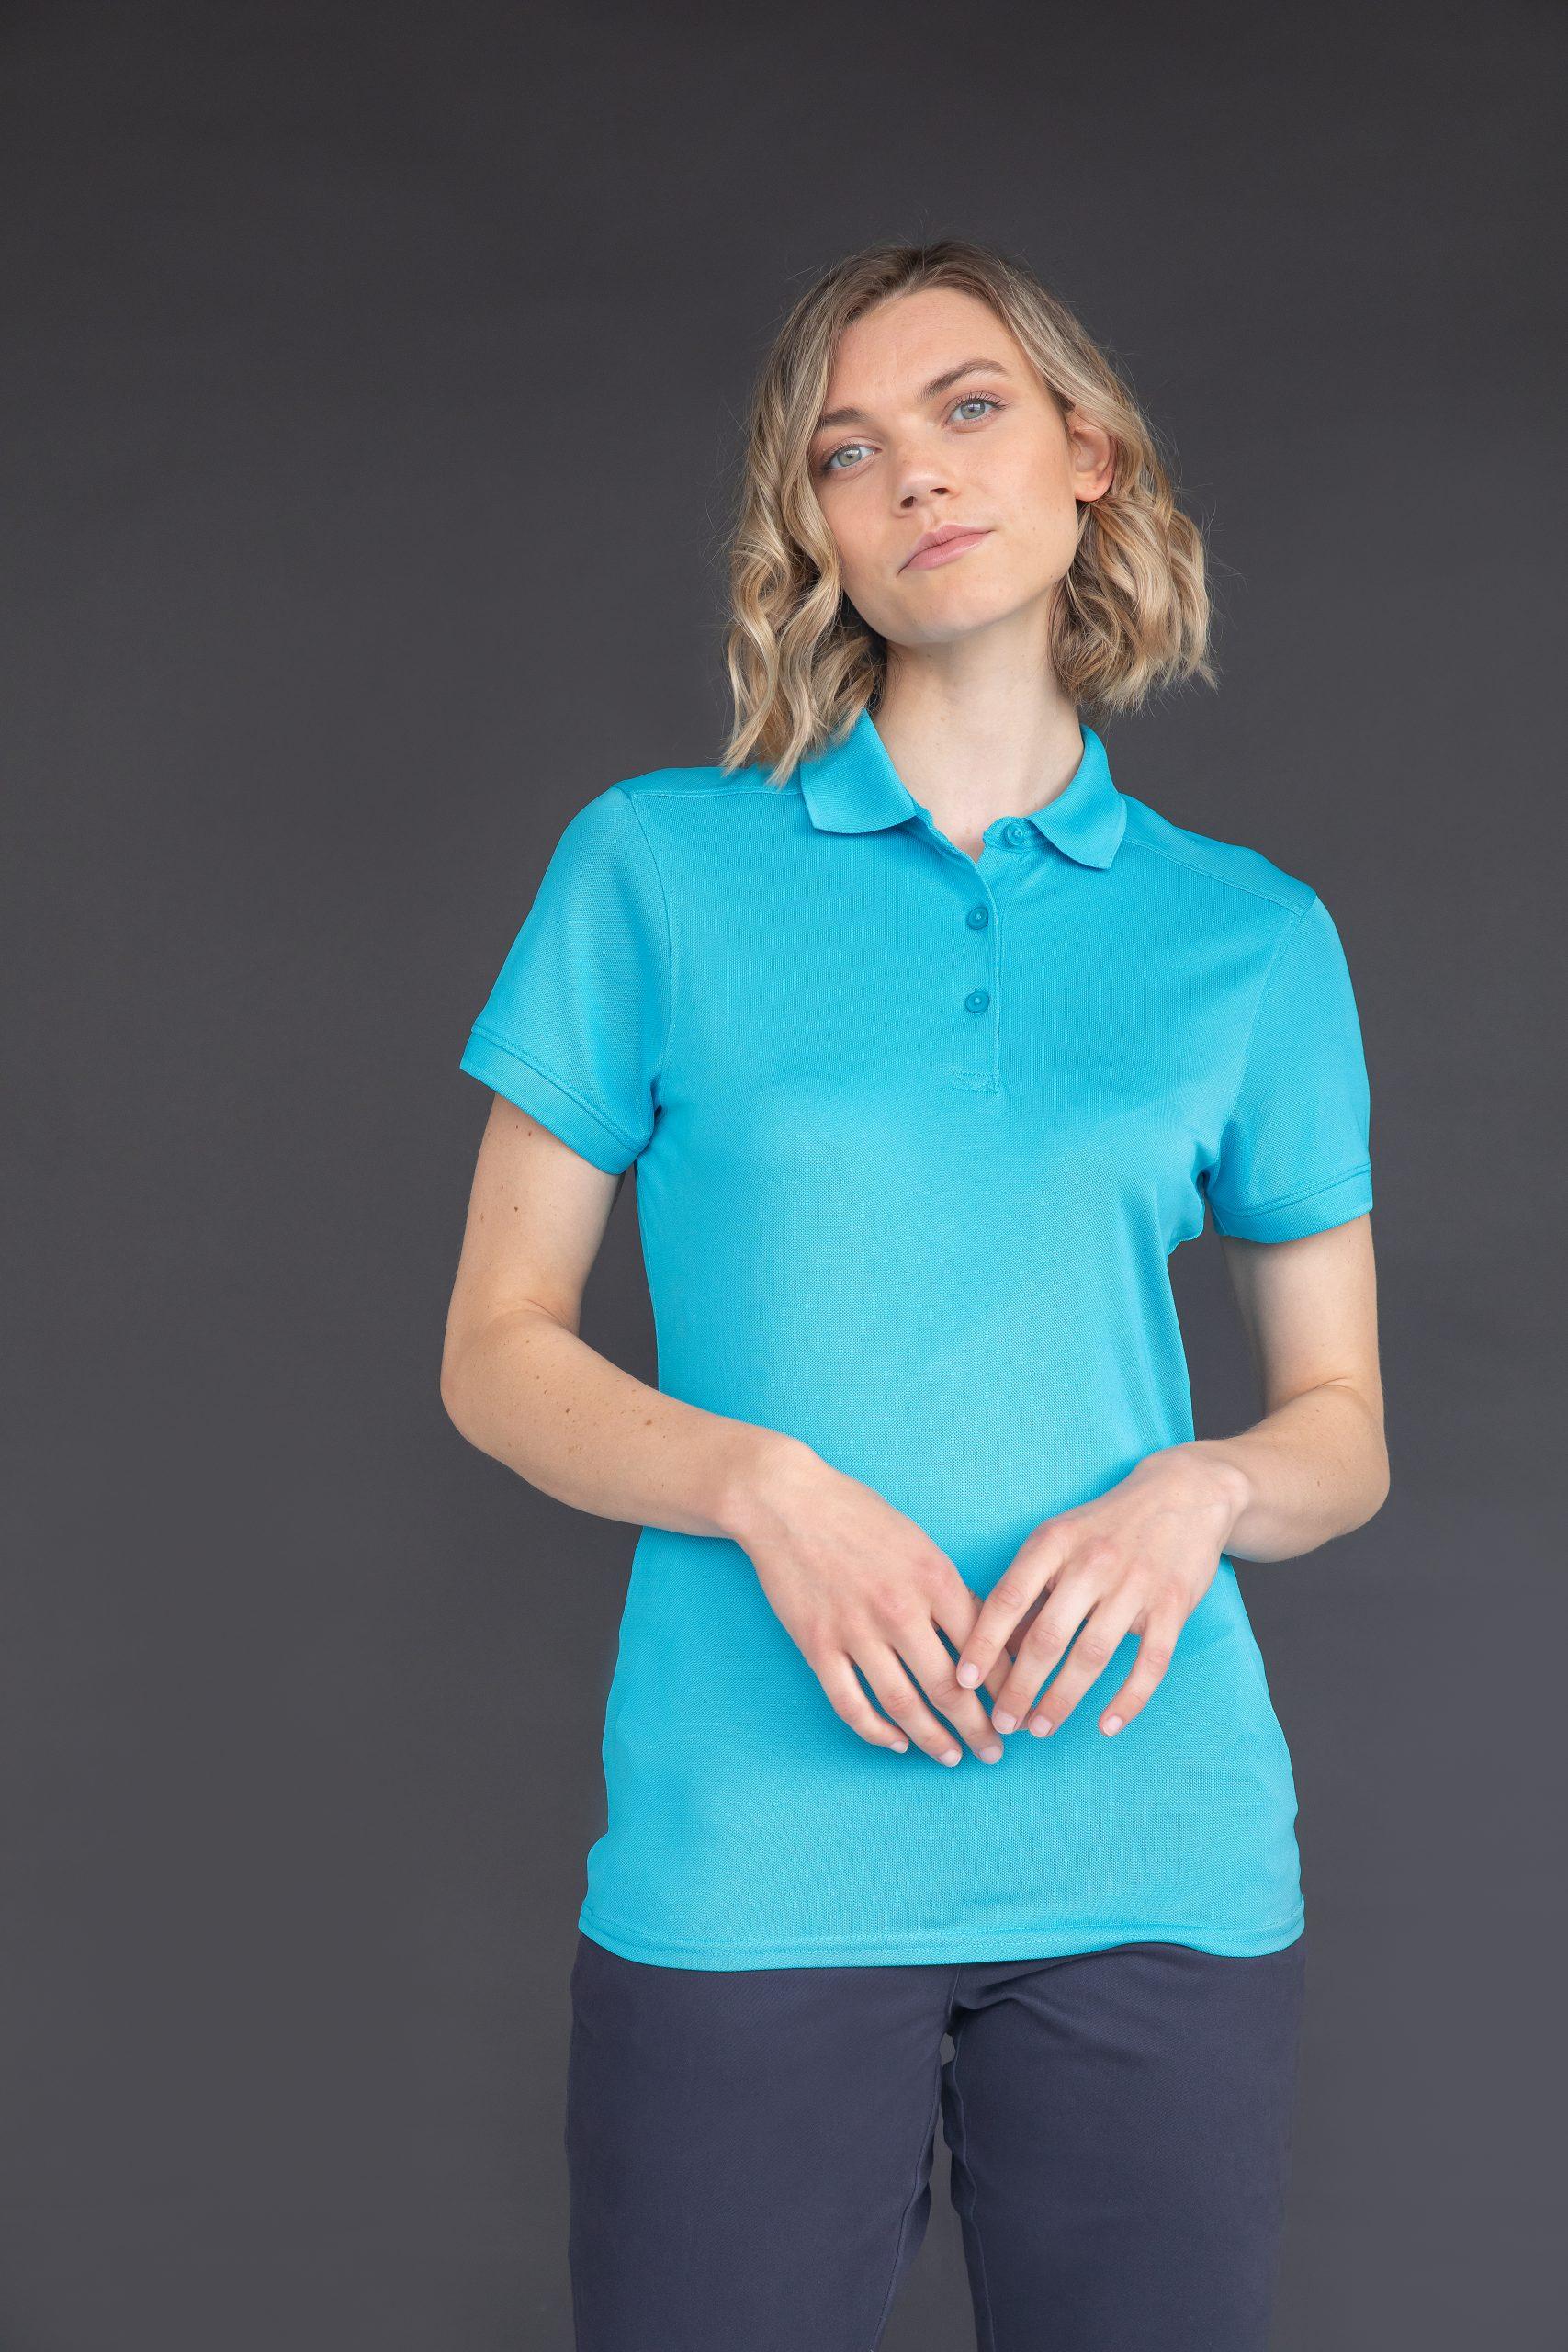 Ladies Stretch Rib Short-Sleeve T-Shirt TURQUOISE 2XL